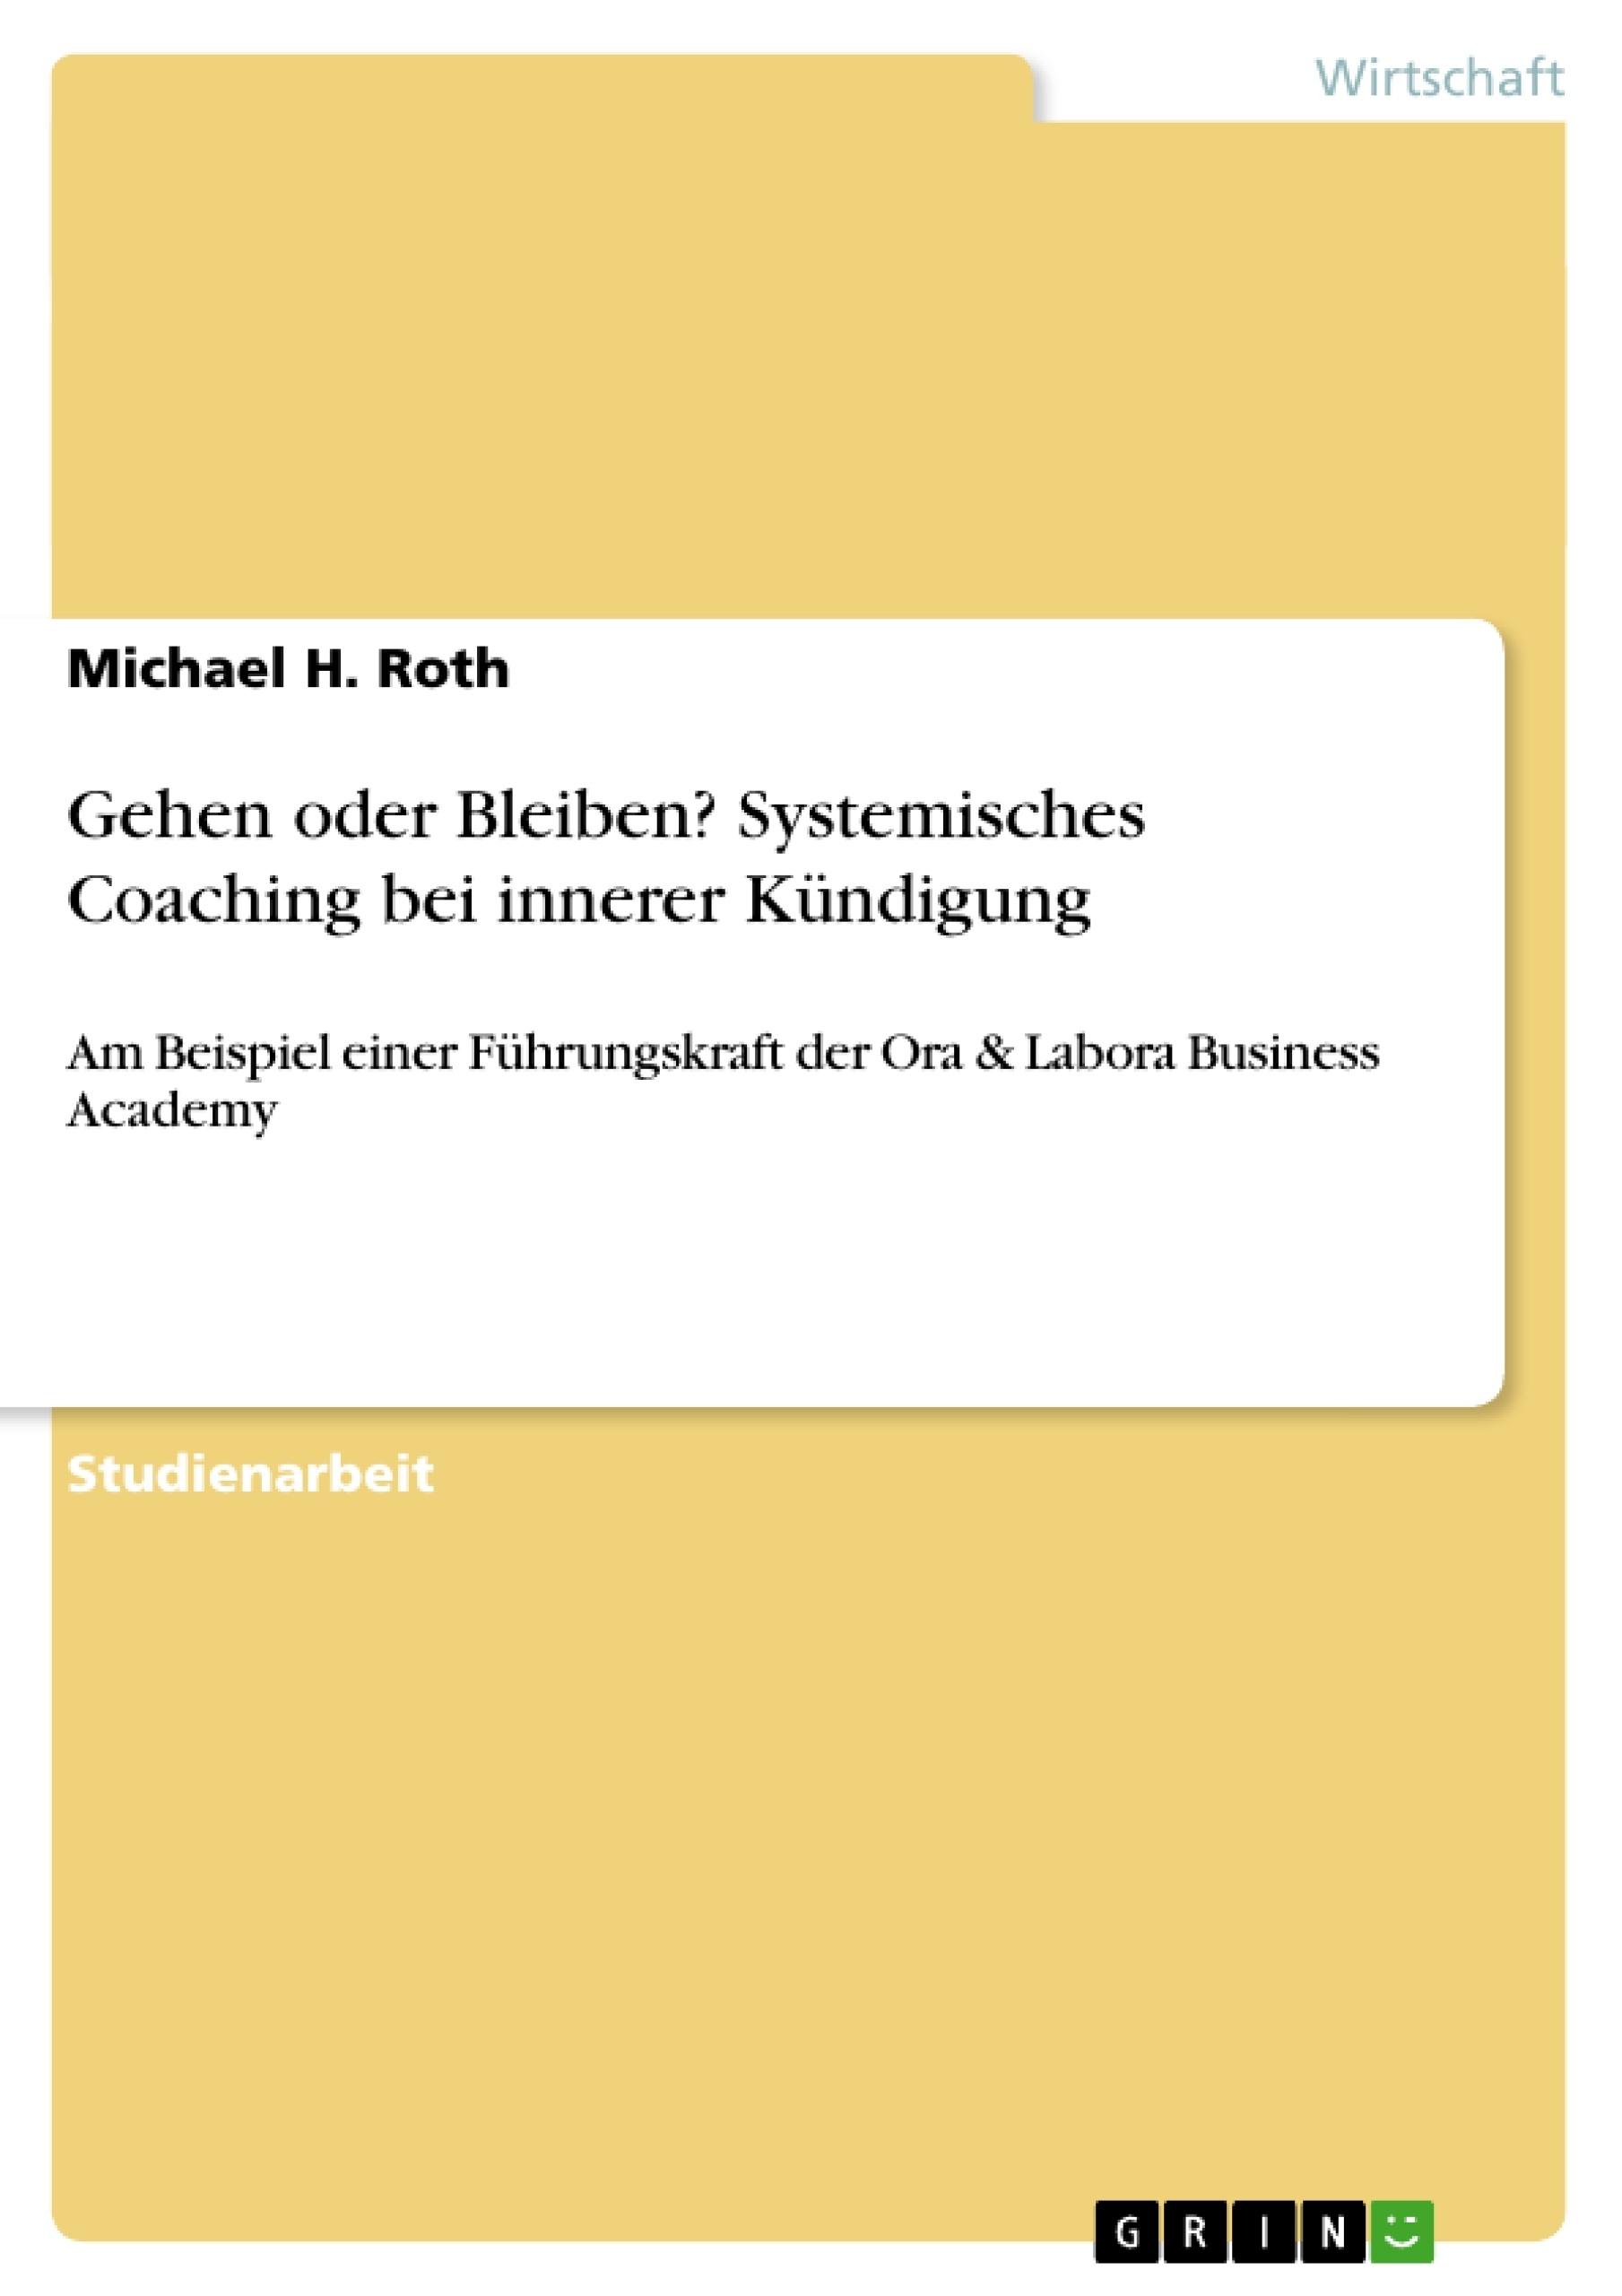 Titel: Gehen oder Bleiben? Systemisches Coaching bei innerer Kündigung